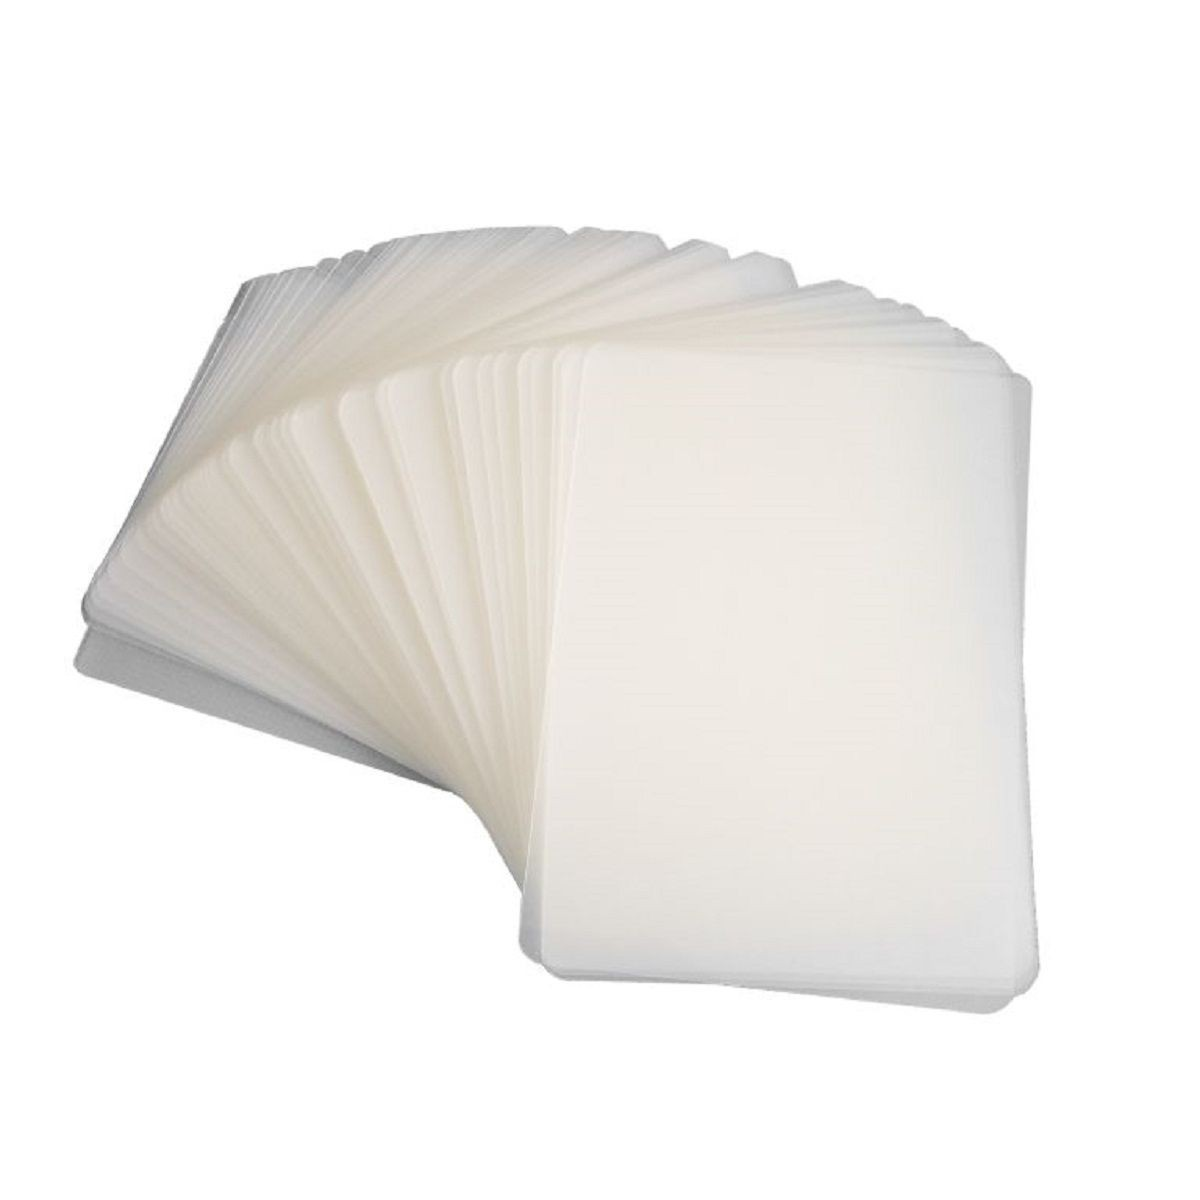 Kit 1000 Plasticos Polaseal para Plastificação Crachá 54x86x0,07mm (175 micras)  - Click Suprimentos